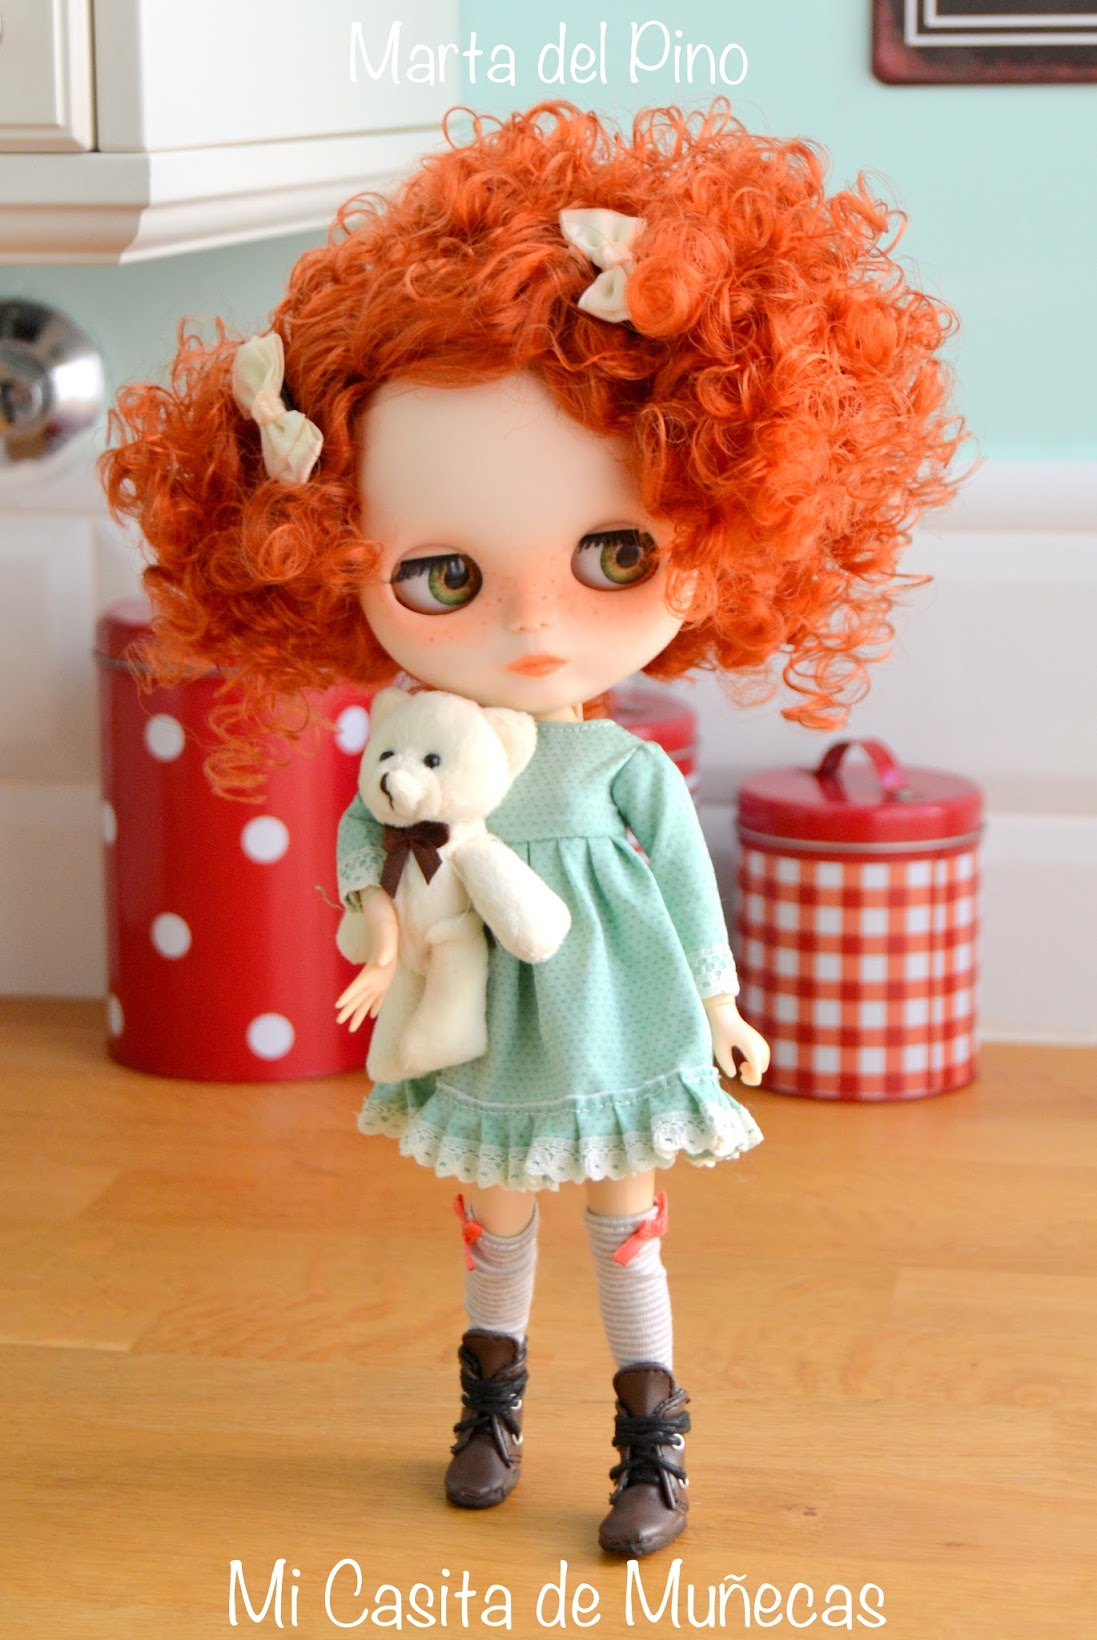 Blythe, blythe custom, customizada, ojos durmientes, ojos realistas, marta del pino, mi casita de muñecas